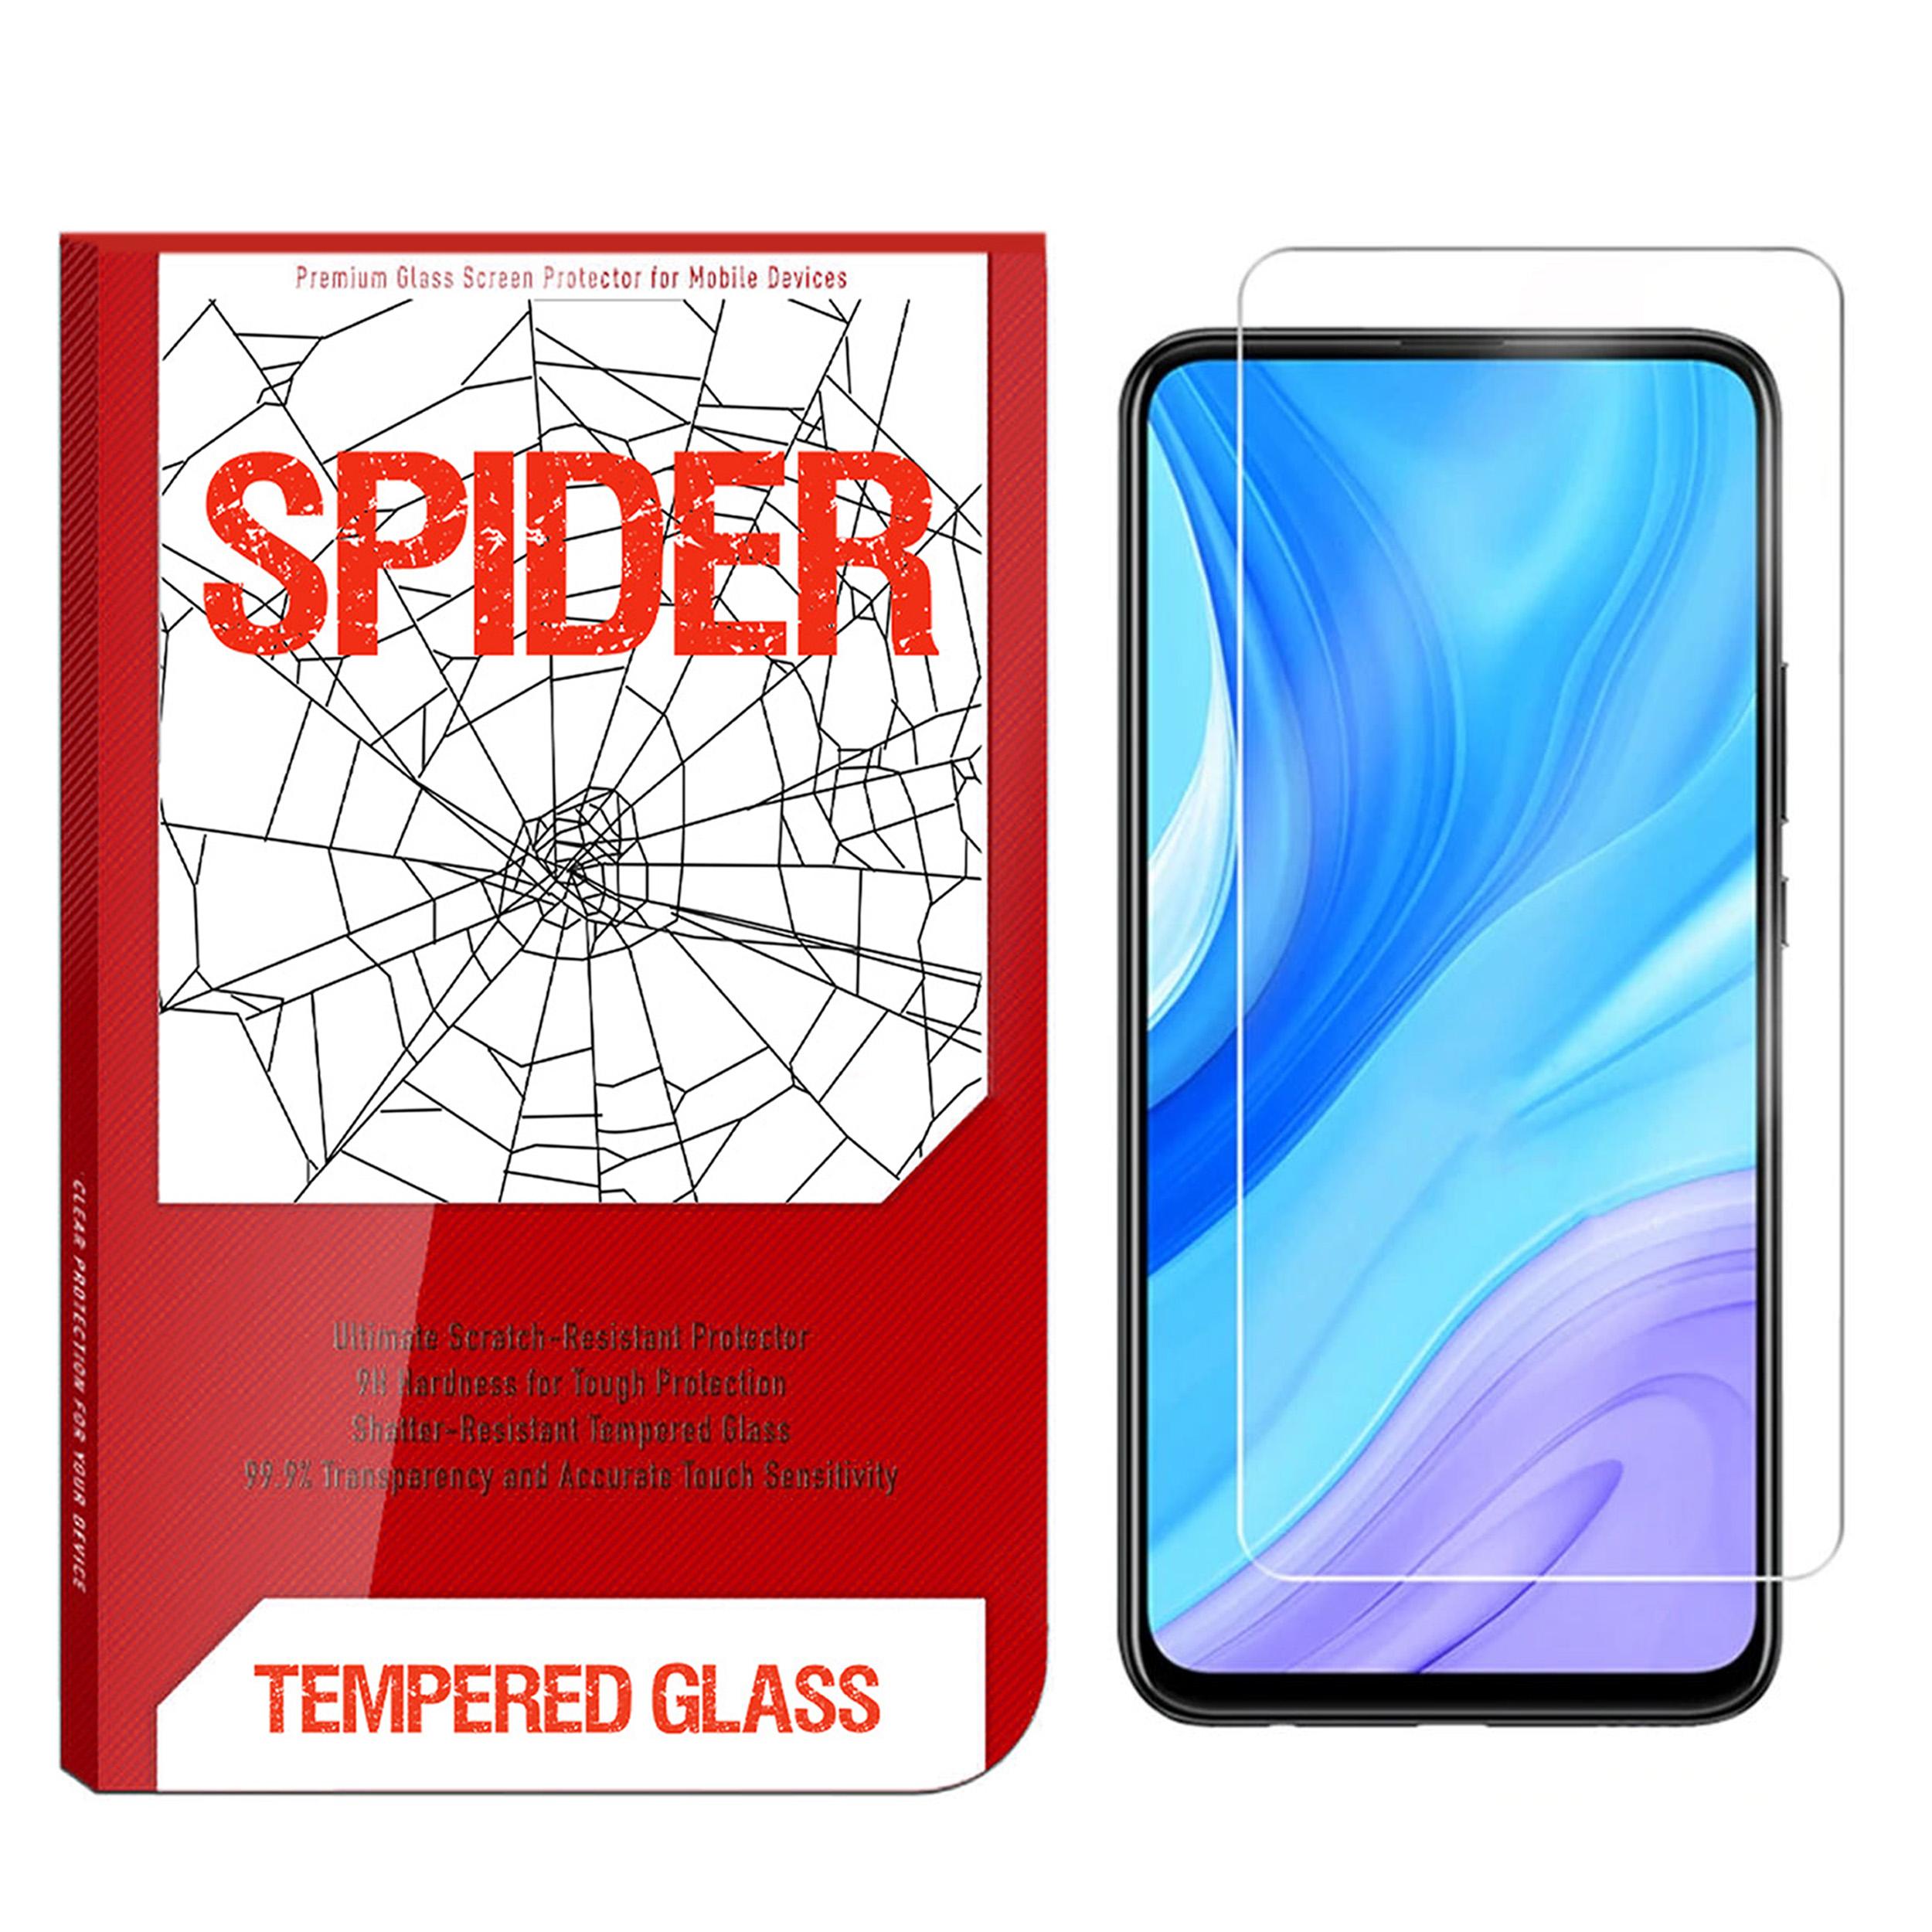 محافظ صفحه نمایش اسپایدر مدل SDS-022 مناسب برای گوشی موبایل هوآوی Y9 Prime 2019              ( قیمت و خرید)